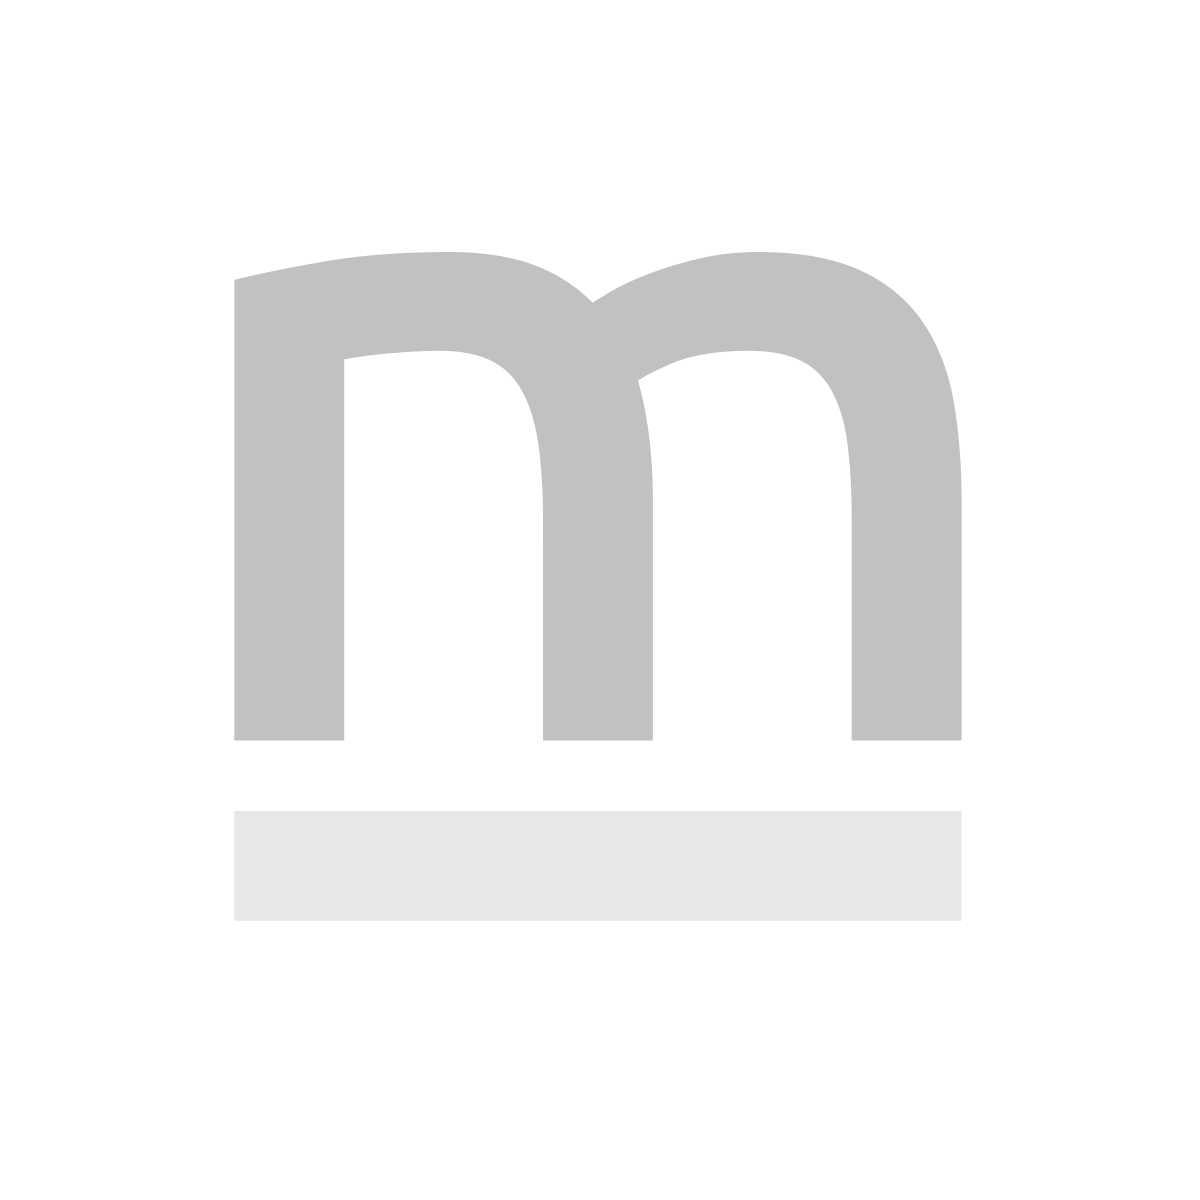 Włókna żarowe Glow Flame do biokominka